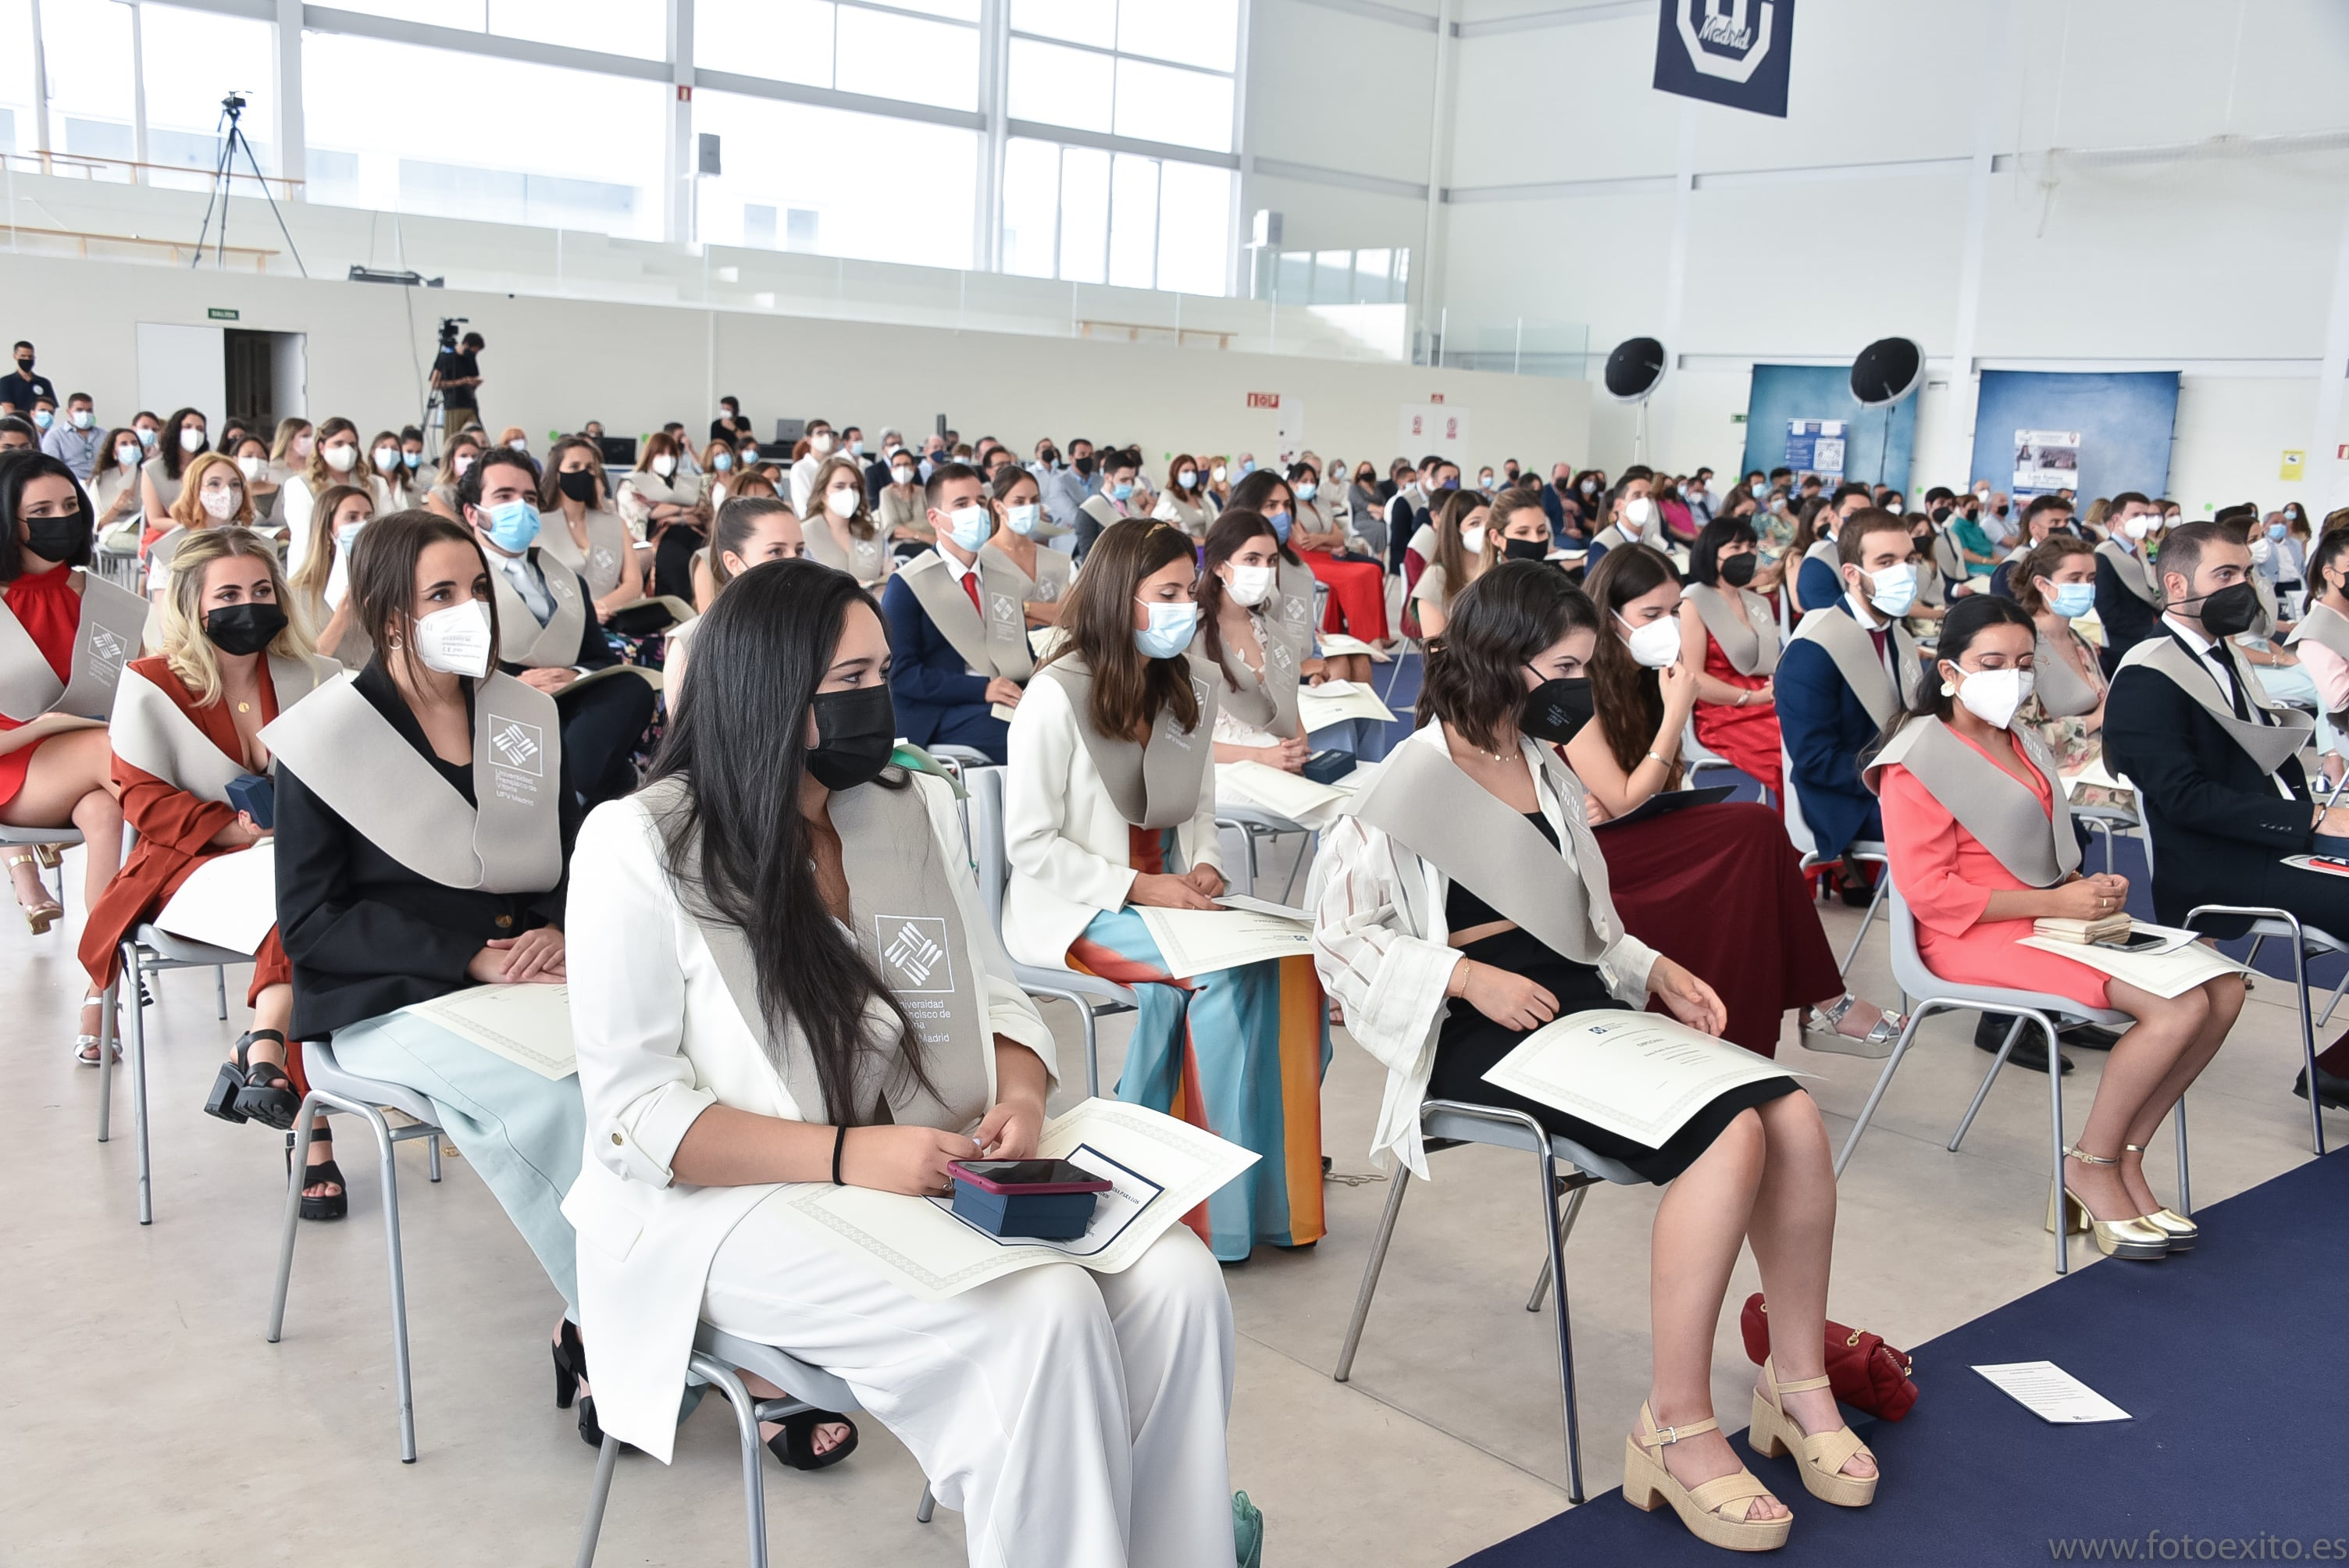 210707UFV 1171 min Actos académicos Estudiar en Universidad Privada Madrid